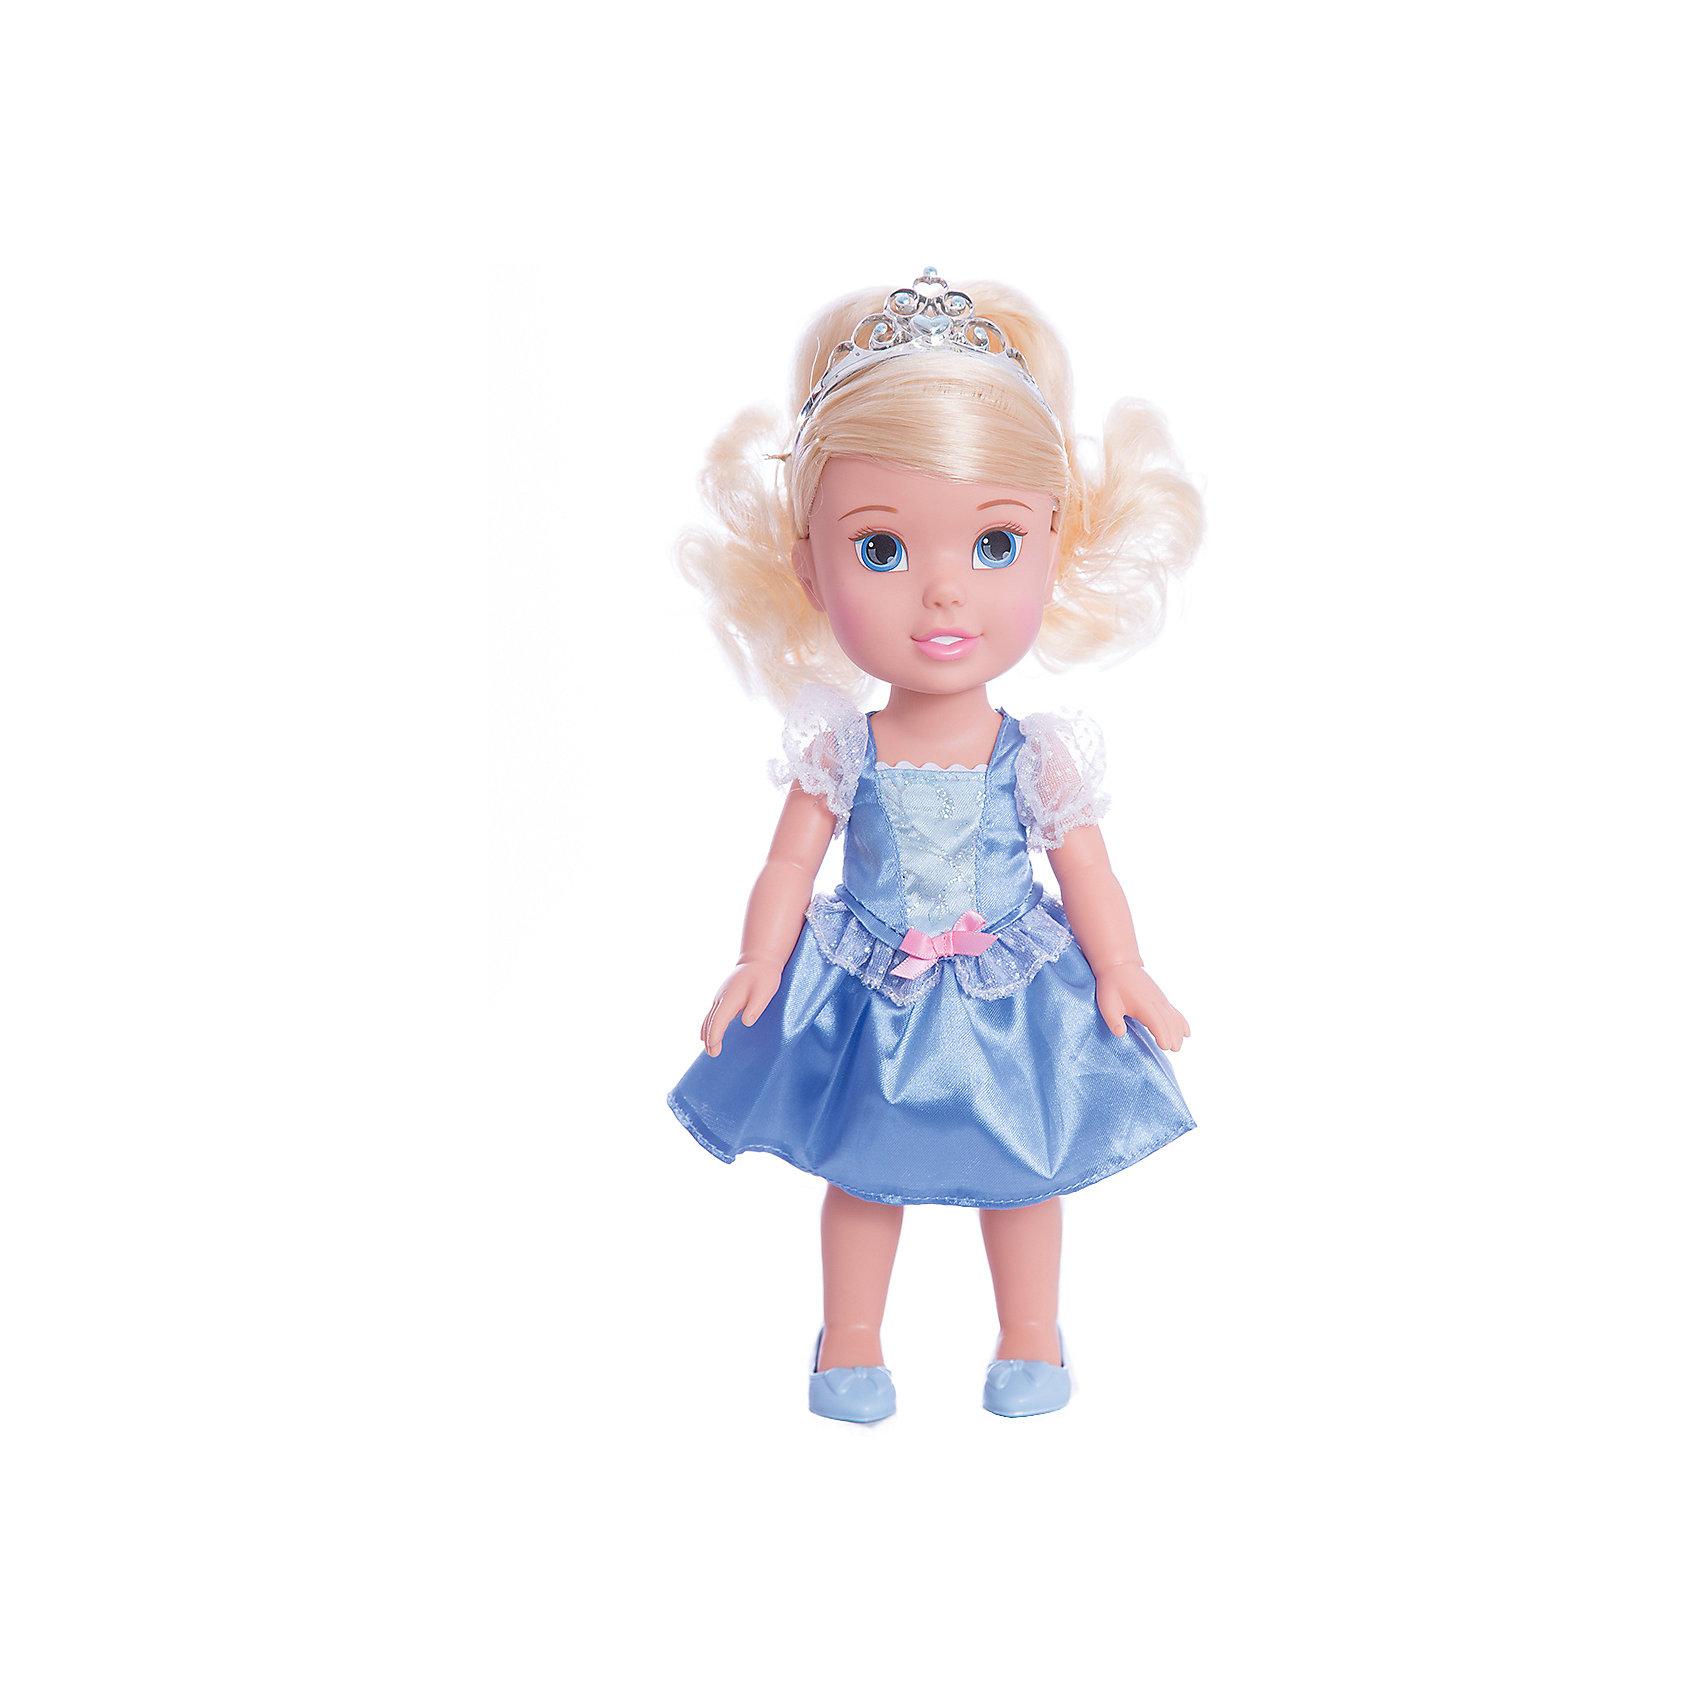 Кукла-малышка Принцессы Диснея Золушка, 31 см.Бренды кукол<br>Кукла Золушка, 31 см<br><br>Характеристики:<br><br>- В комплекте: кукла, тиара<br>- Высота куклы: 31 см.<br>- Материал: пластик, текстиль<br>- Особенности: настоящие мягкие волосы<br>- Упаковка: картонная коробка с дисплеем<br><br>Кукла-малышка Золушка создана по мотивам фильма Дисней «Золушка» и наверняка понравится каждой его поклоннице! Маленькая принцесса Дисней одета в стильное нарядное атласное платье голубого цвета с белым кружевом и маленьким розовым бантиком, которое сочетается с удобными туфельками и маленькой изящной тиарой. У куклы шелковистые светлые волосы, из которых можно создавать самые разные прически. Кукла выполнена из высококачественных материалов, выглядит очень мило.<br><br>Куклу Золушка, 31 см, Холодное сердце купить в нашем интернет-магазине.<br><br>Ширина мм: 170<br>Глубина мм: 350<br>Высота мм: 120<br>Вес г: 604<br>Возраст от месяцев: 36<br>Возраст до месяцев: 2147483647<br>Пол: Женский<br>Возраст: Детский<br>SKU: 5156891